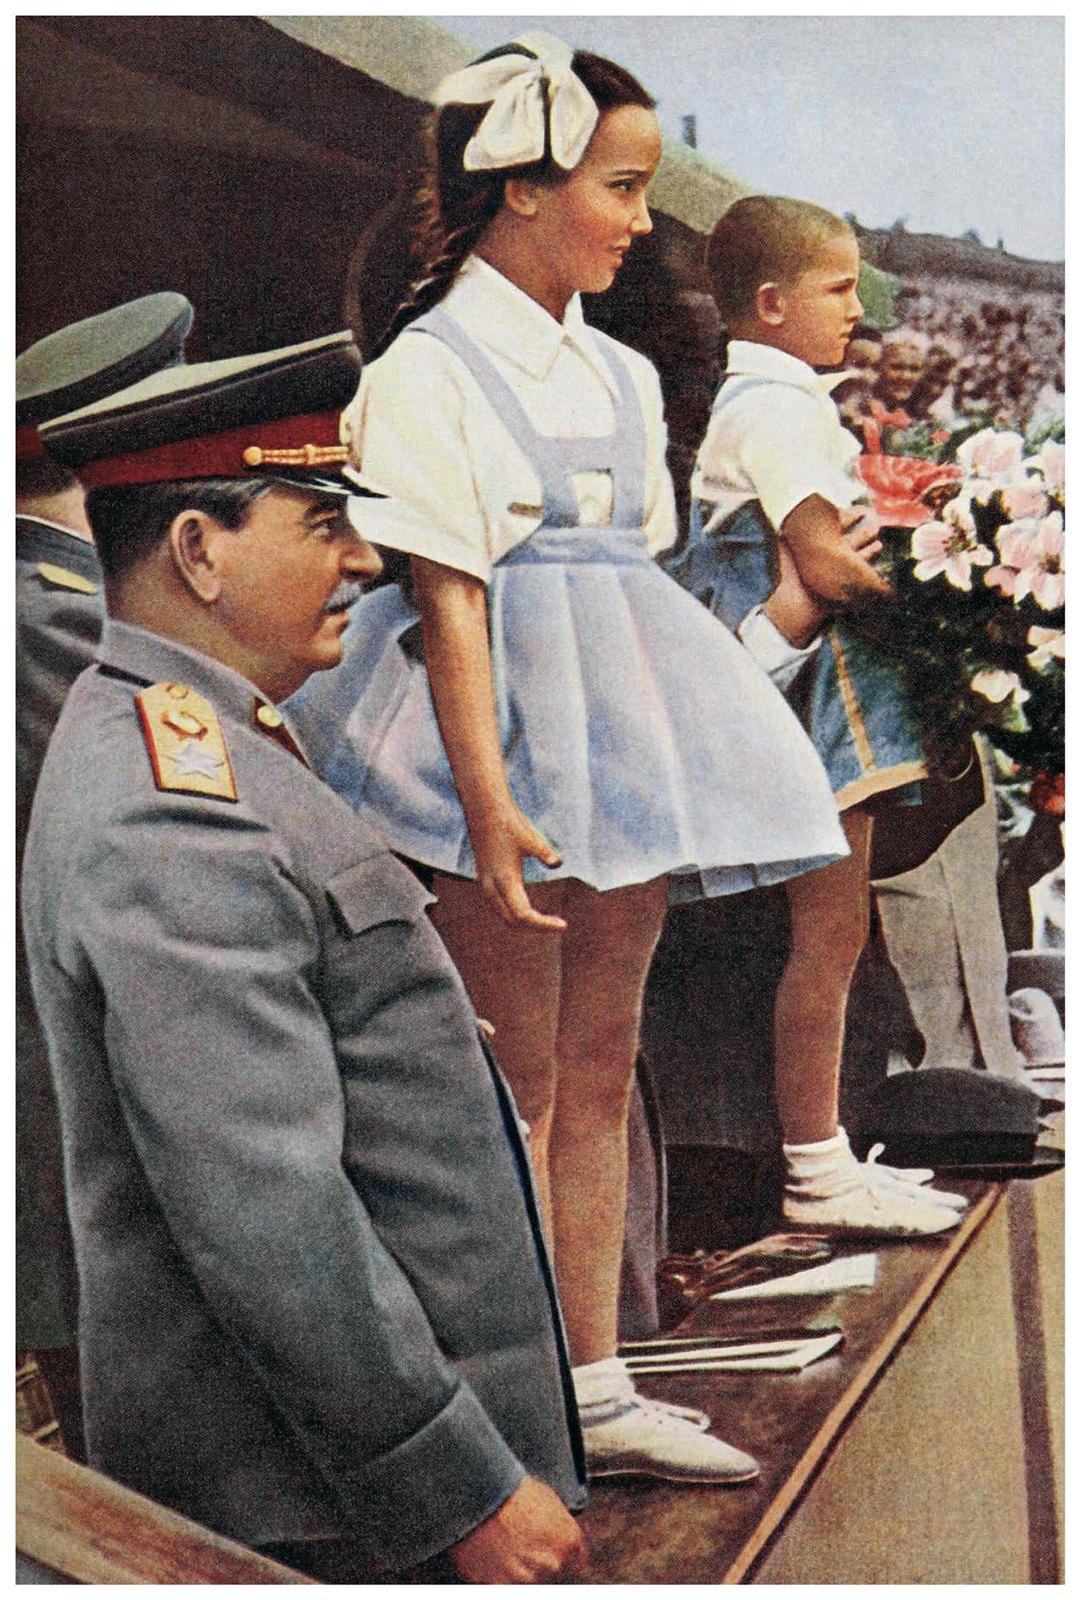 1946. Иосиф Виссарионович Сталин принимает цветы от московских школьников на Всесоюзном параде физкультурников. Красная площадь.